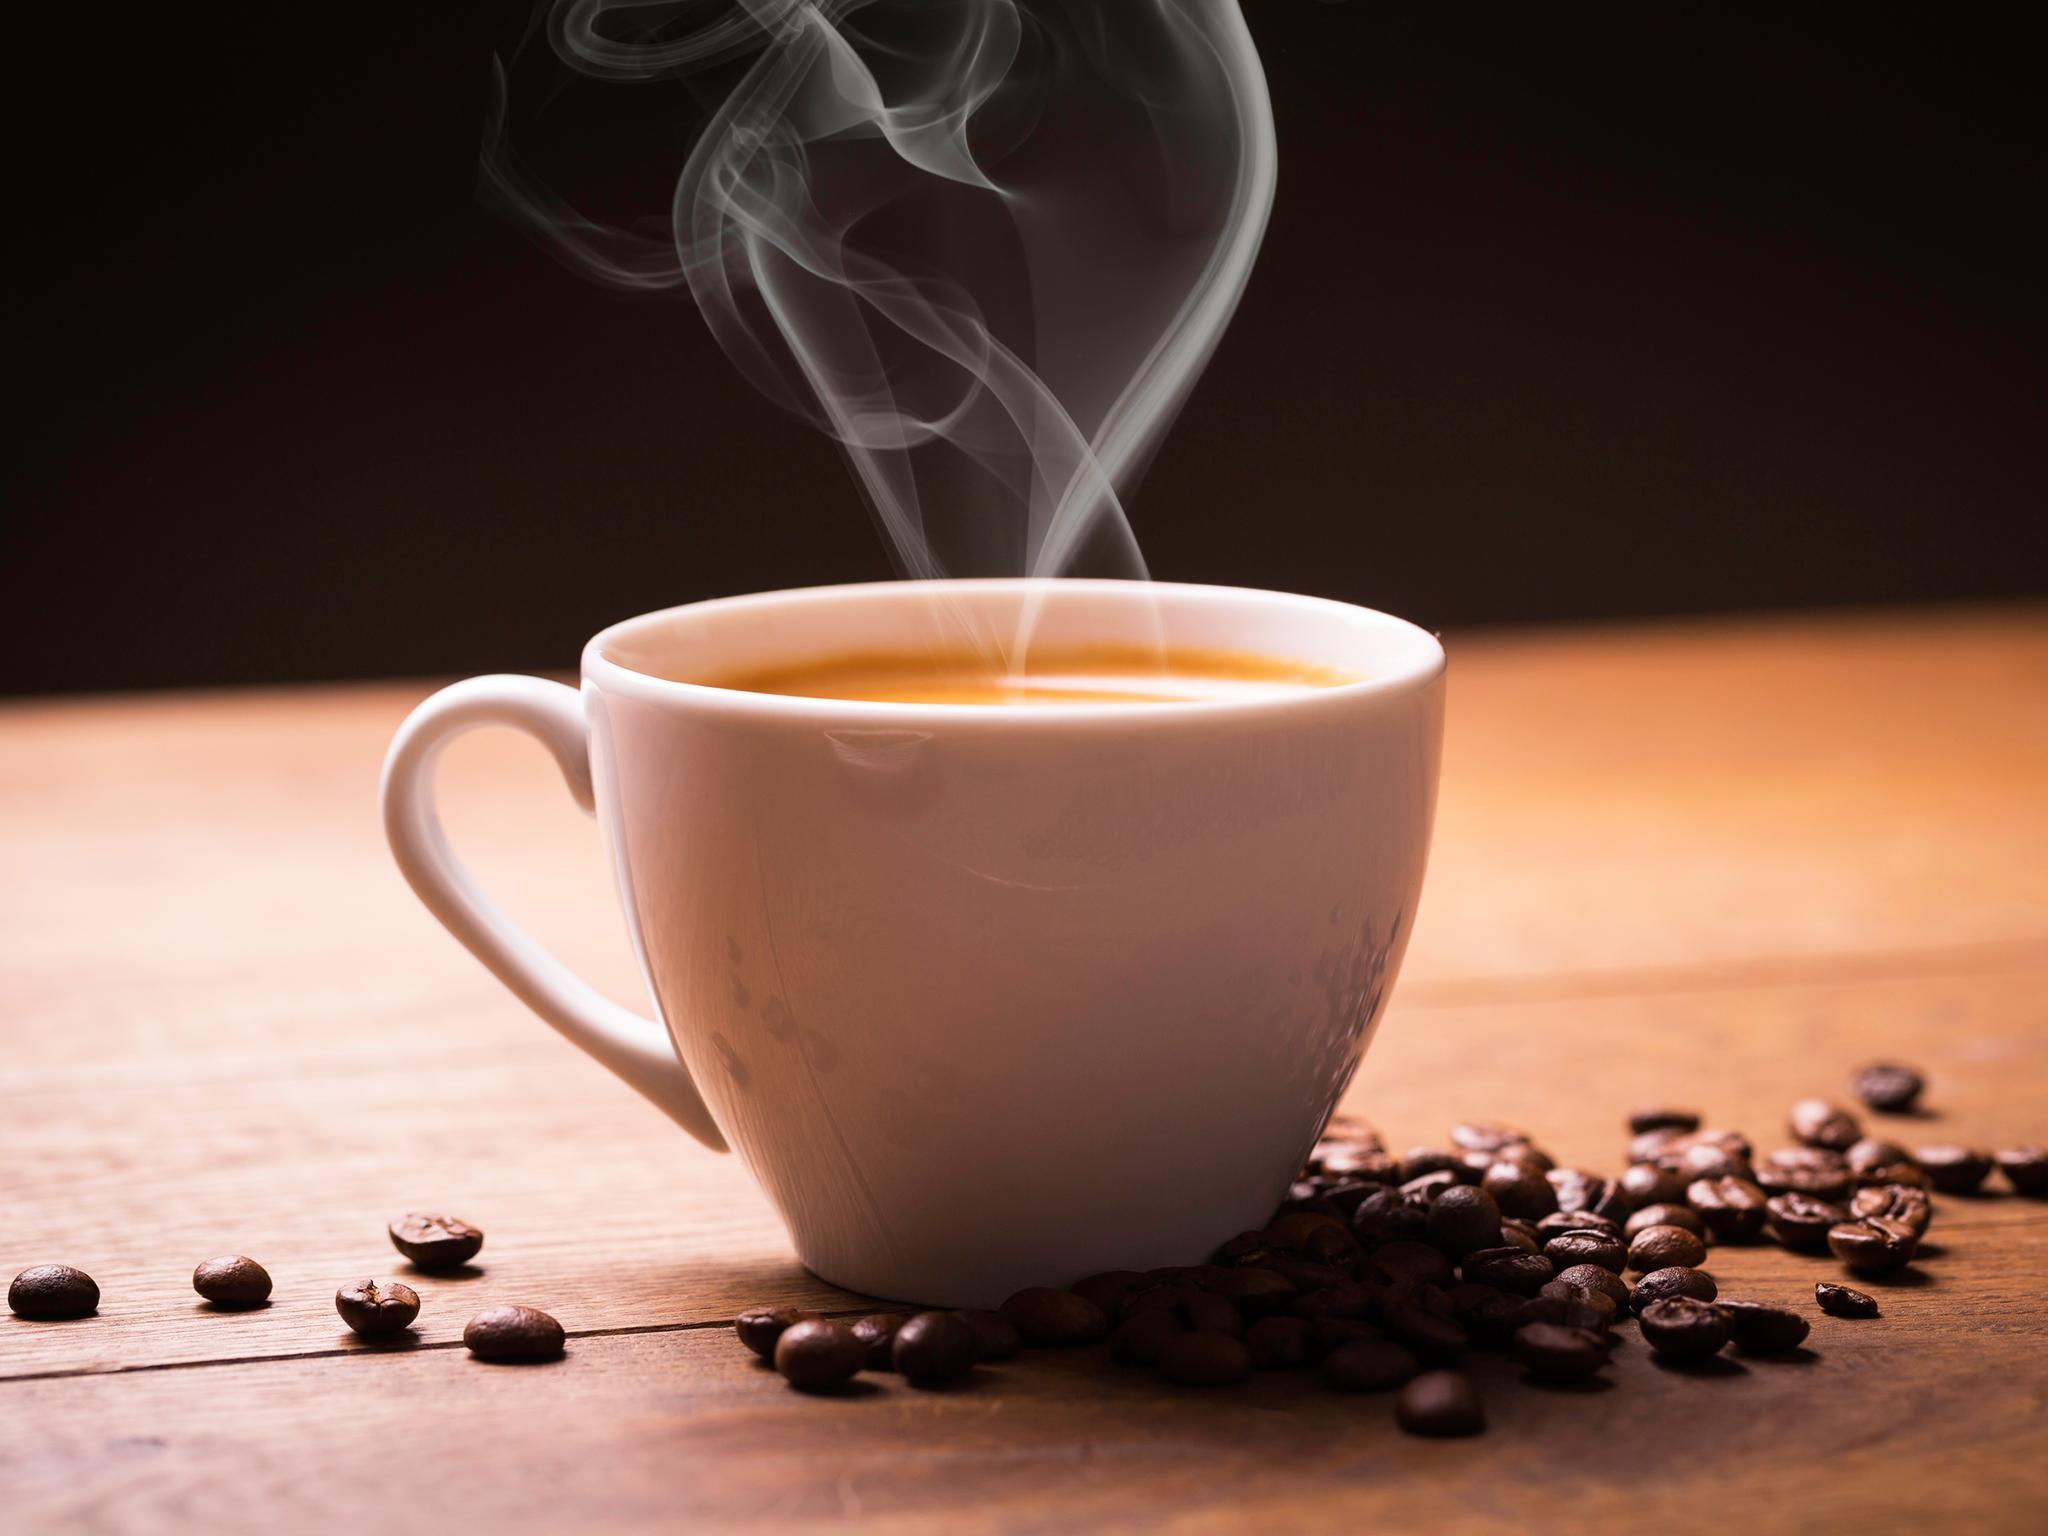 10 κόλπα για να κάνετε τον καφέ σας πιο γευστικό!